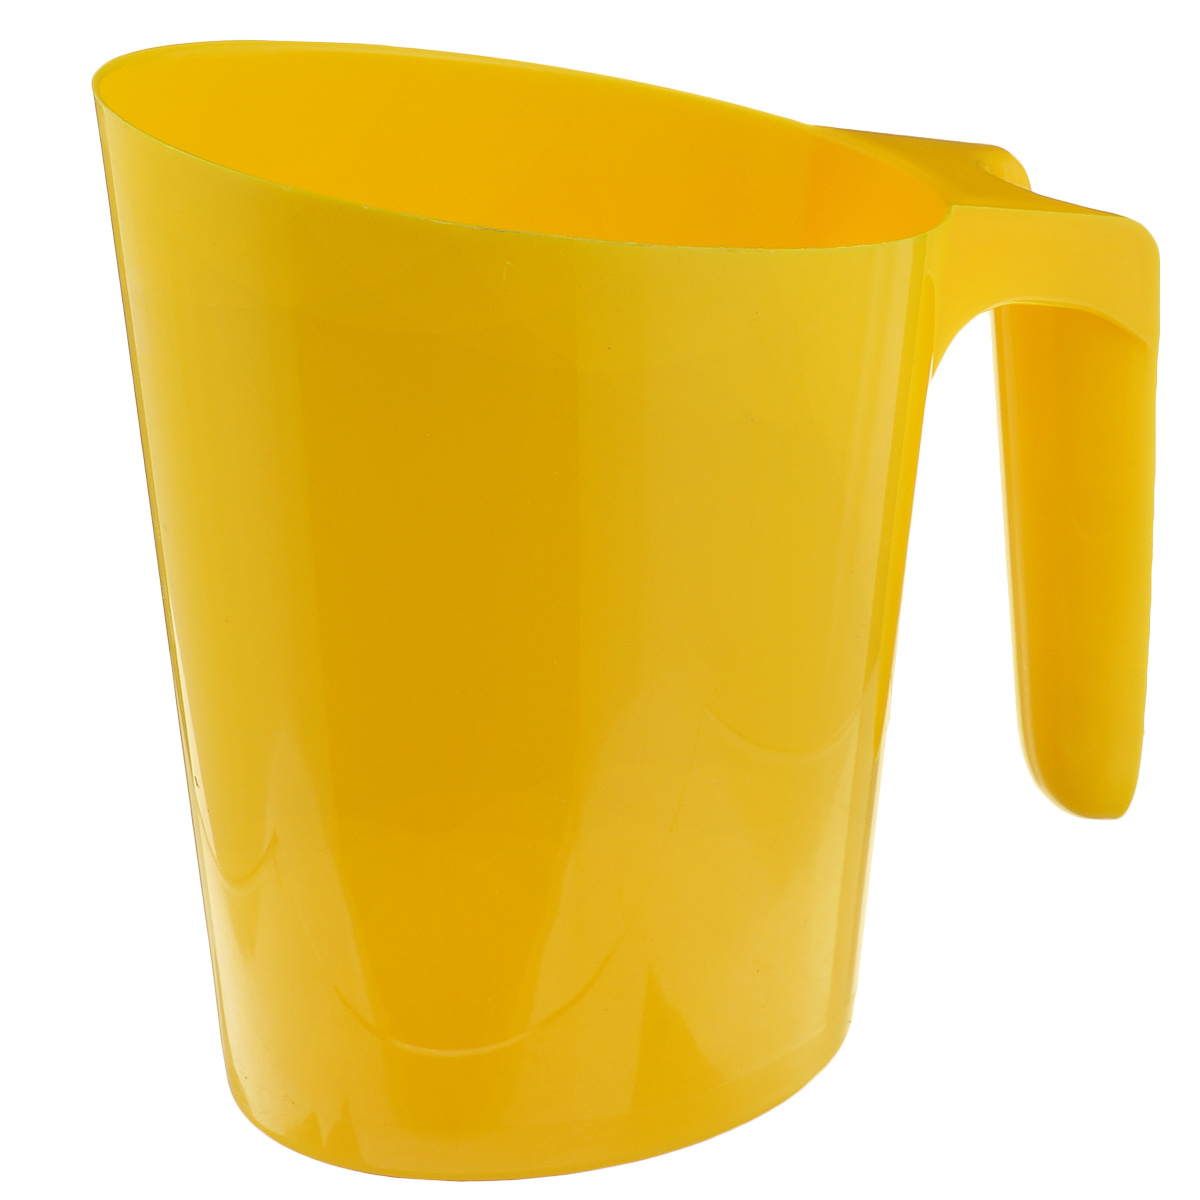 Кувшин для молочного пакета Idea, цвет: желтый4630003364517Каждый сталкивался с проблемой неустойчивого молочного пакета. Громоздкие кастрюли занимают много места и неопрятно выглядят среди остальных продуктов. Кувшин Idea очень компактный, он позволит спокойно разместить остатки молока на полках или дверце холодильника. Кувшин надежен и устойчив, большое дно и широкая удобная ручка предотвратят опрокидывание. Вы так же сможете использовать его под компот, морс или сок. Кувшин Idea будет вашим надежным помощником в любой ситуации! Размер по верхнему краю: 13,5 см х 9 см.Высота: 17 см.